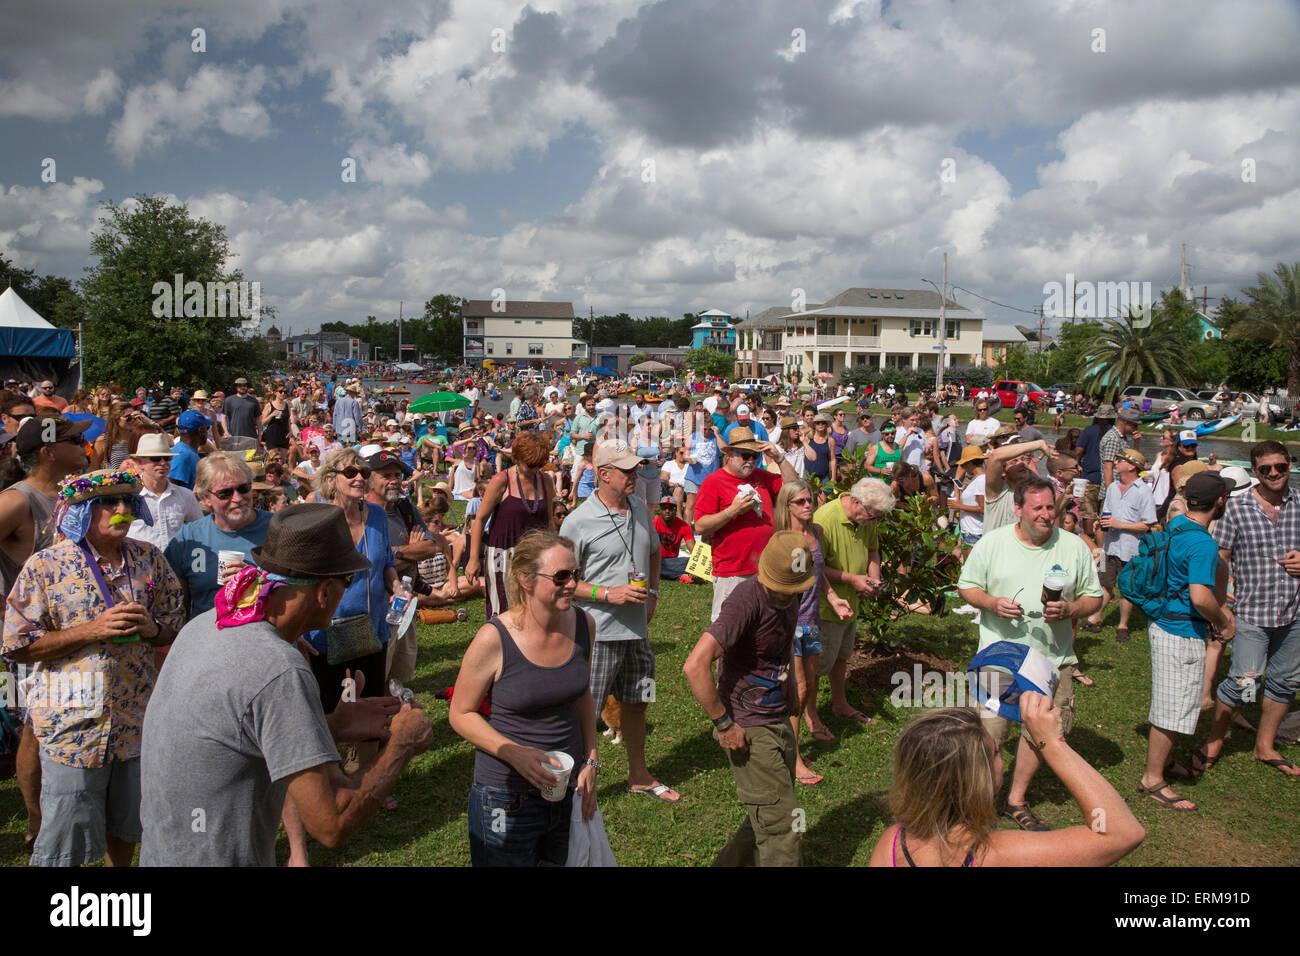 Nueva Orleáns, Louisiana - gente escucha música en el Bayou Bougaloo Mid-City. Imagen De Stock